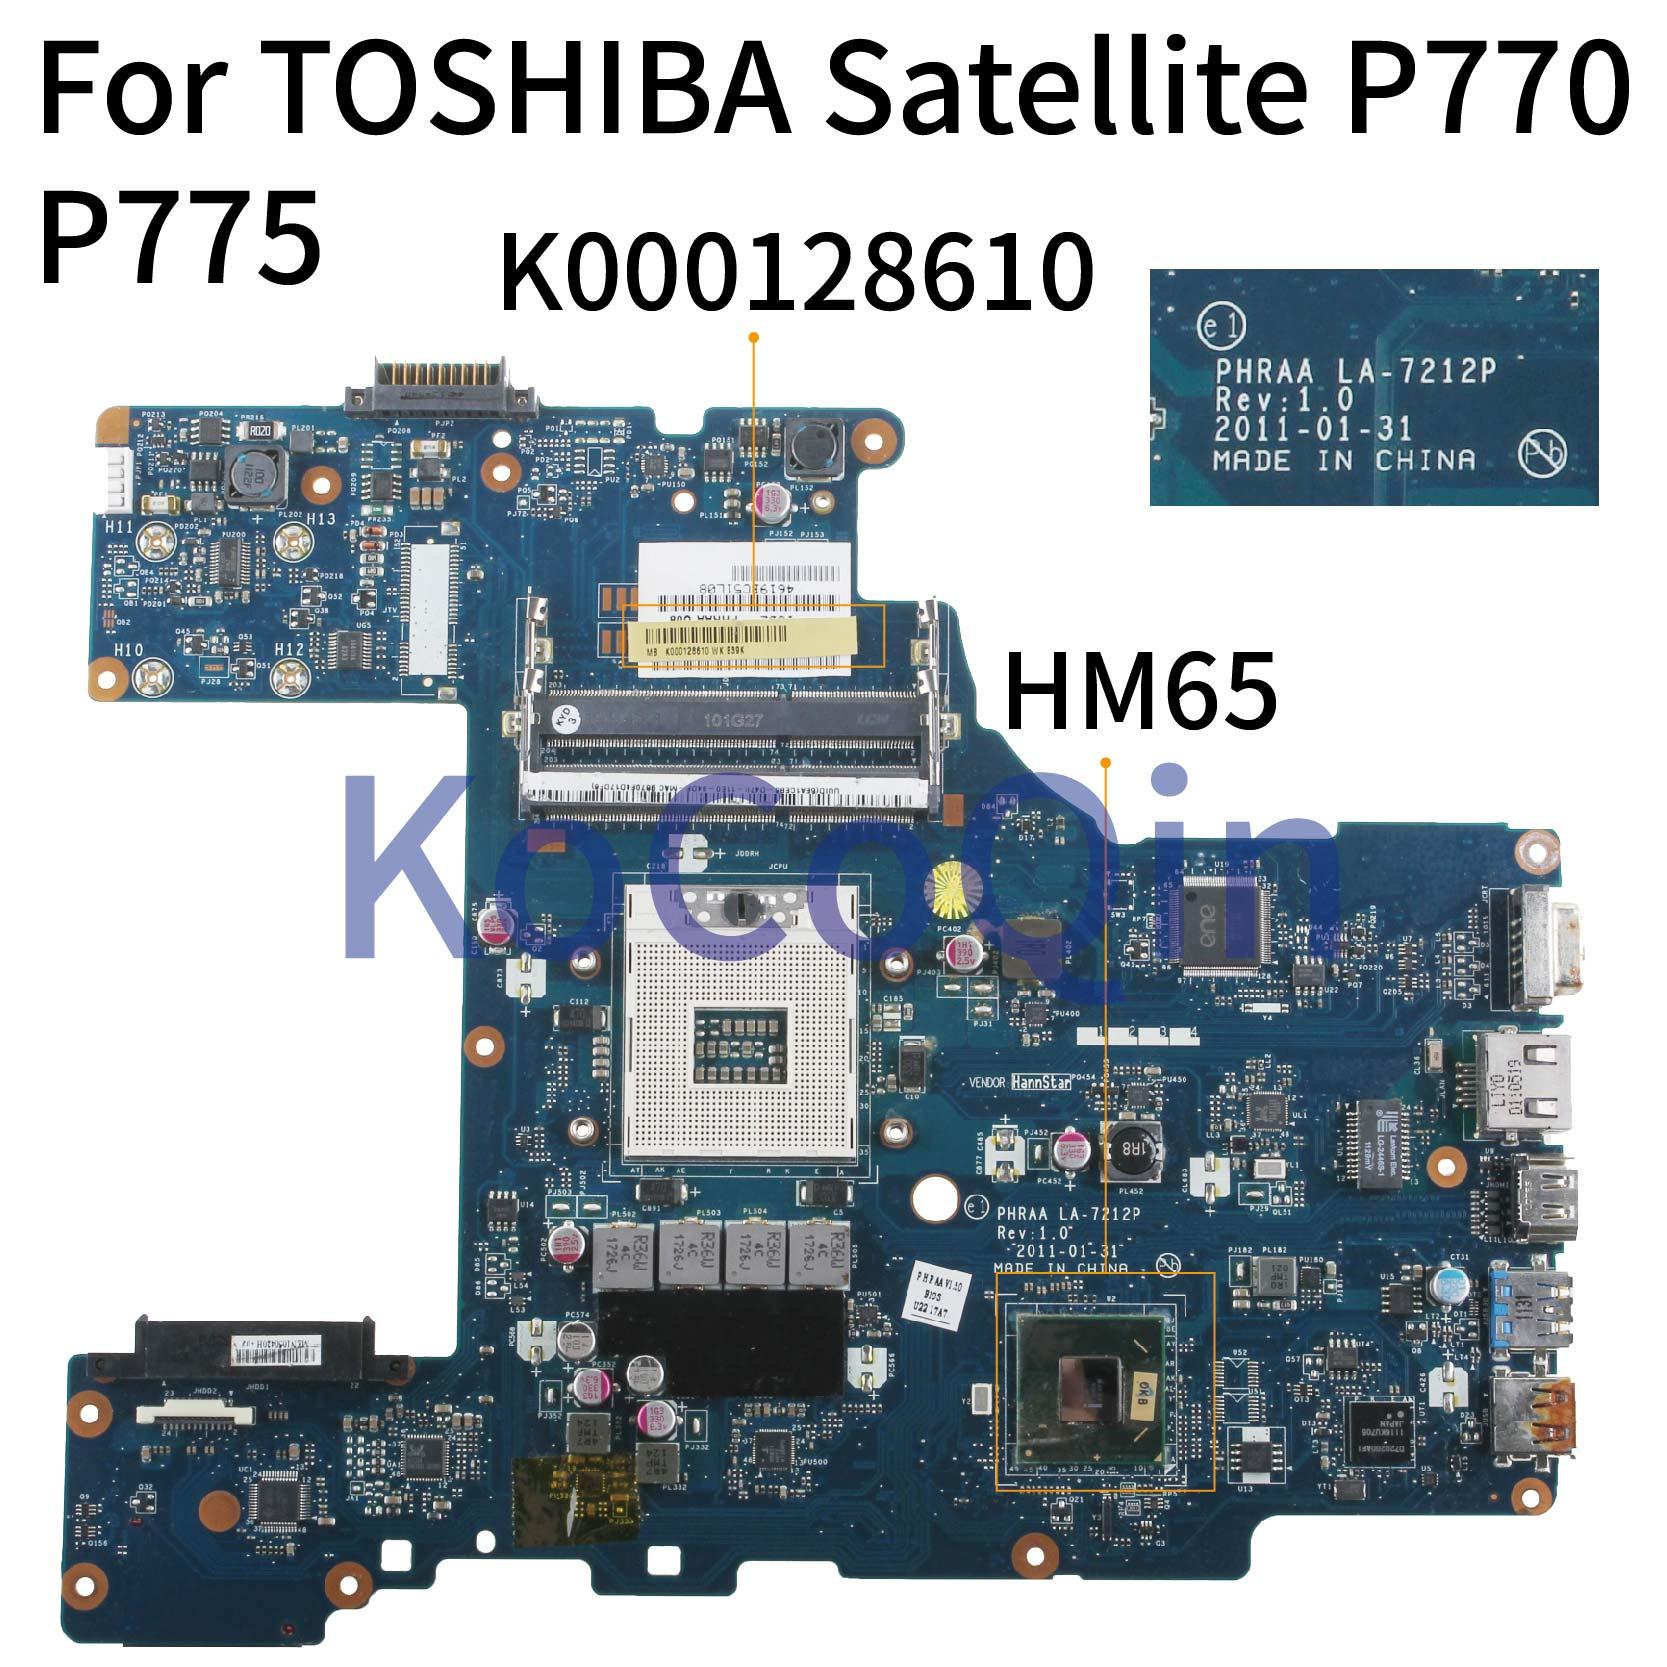 KoCoQin اللوحة الأم لأجهزة الكمبيوتر المحمول توشيبا الأقمار الصناعية P770 P775 اللوحة الرئيسية PHRAA LA-7212P K000128610 HM65